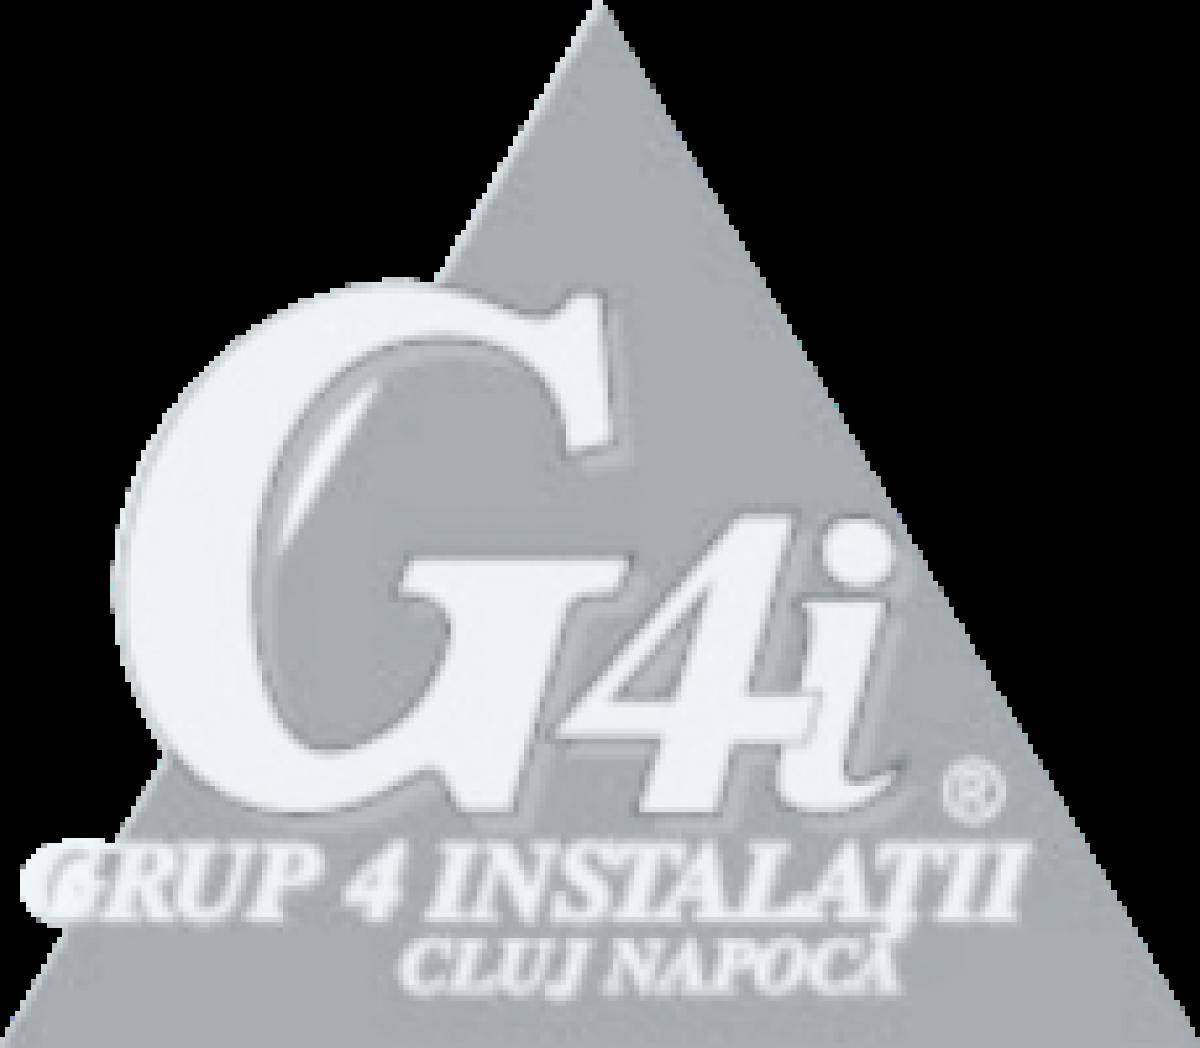 Licitatia Grup 4 Instalatii SA  10.01.2020 ora 14.00